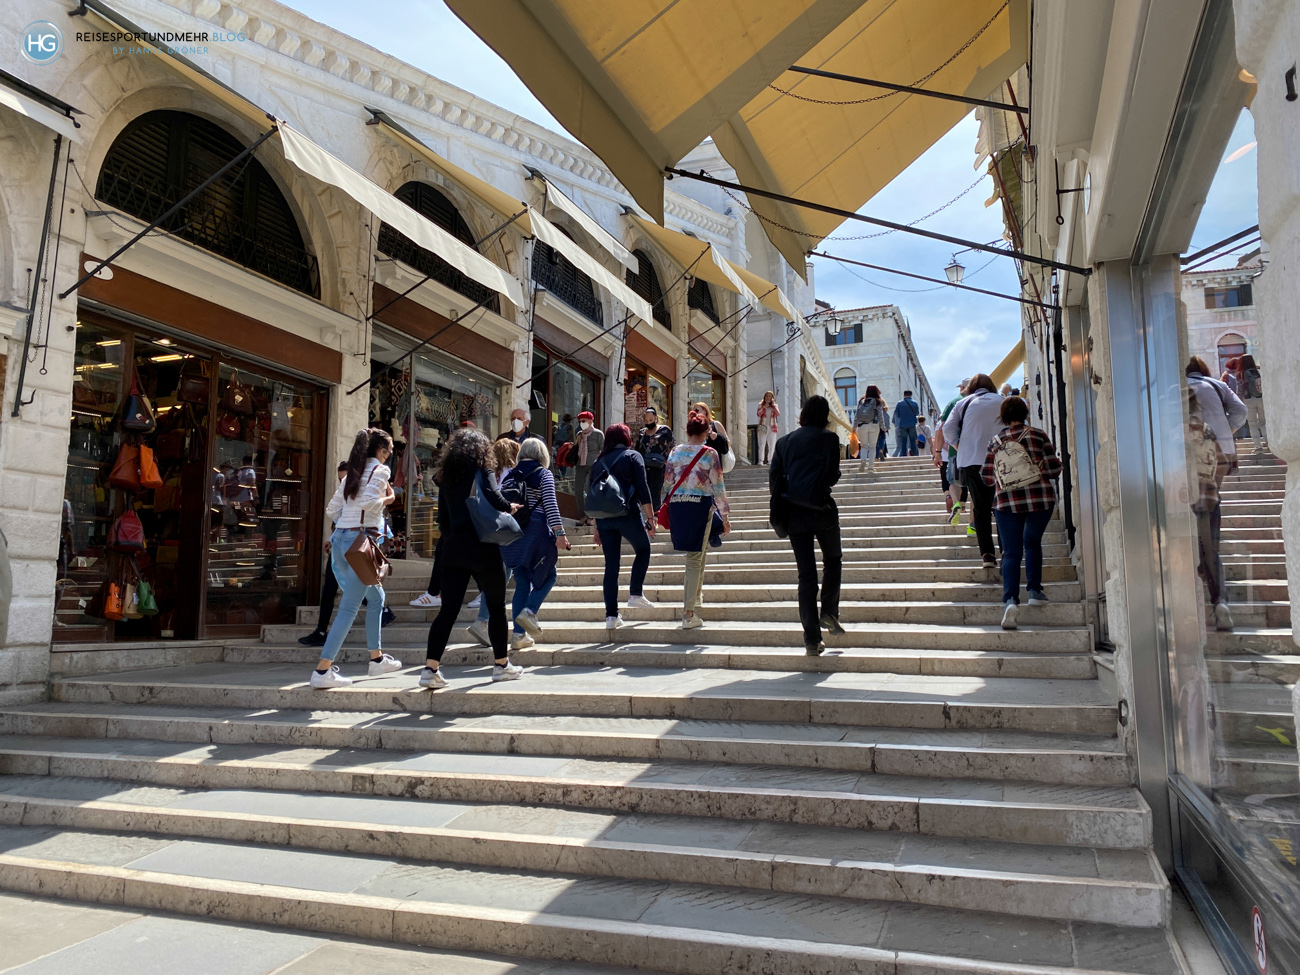 Venedig Pfingsten 2021 - Rialtobrücke (Foto: Hanns Gröner)